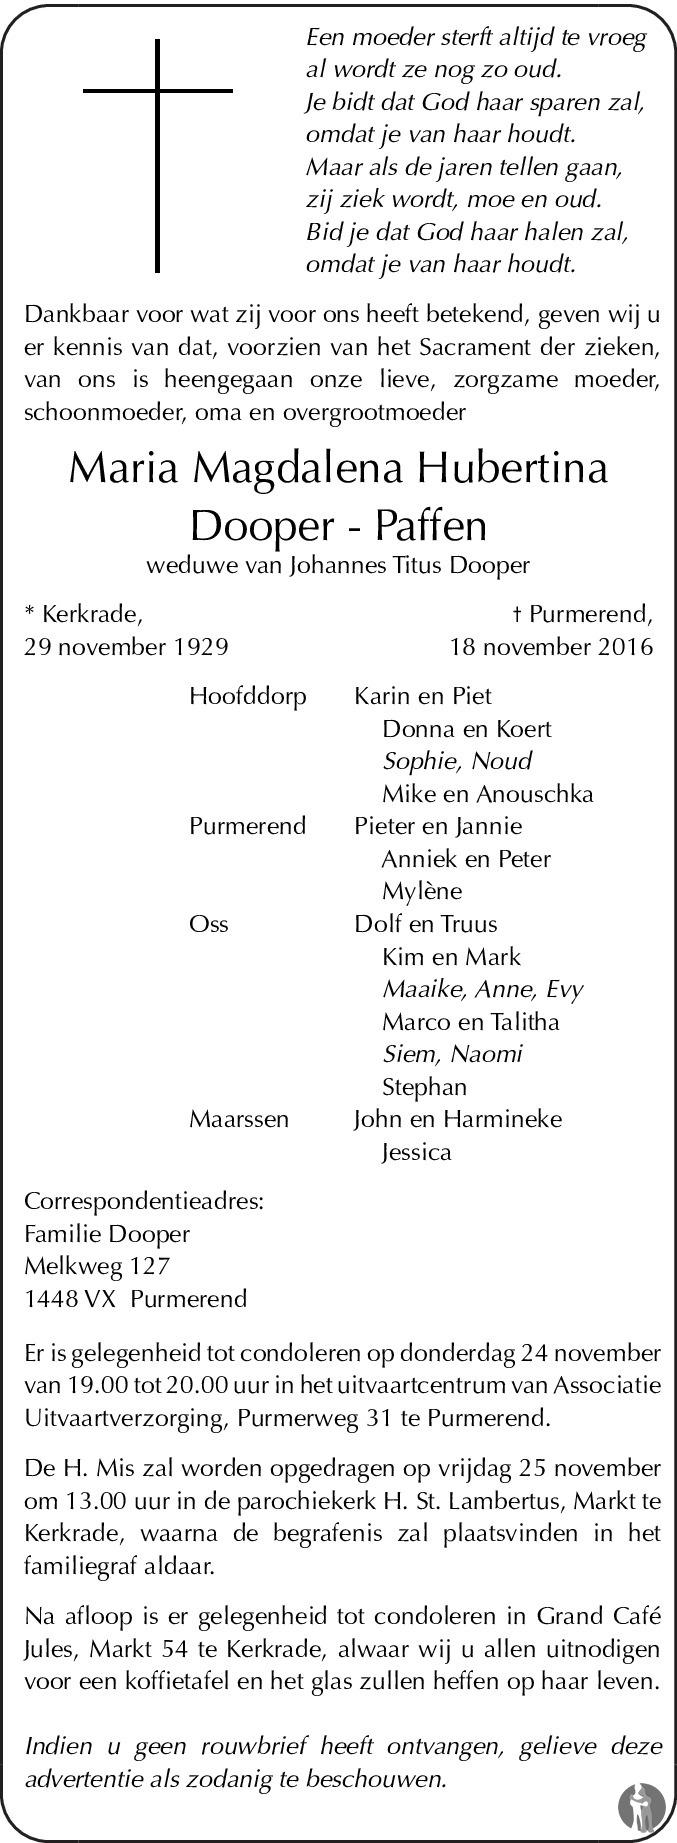 Overlijdensbericht van Maria Magdalena Hubertina Dooper - Paffen in De Limburger